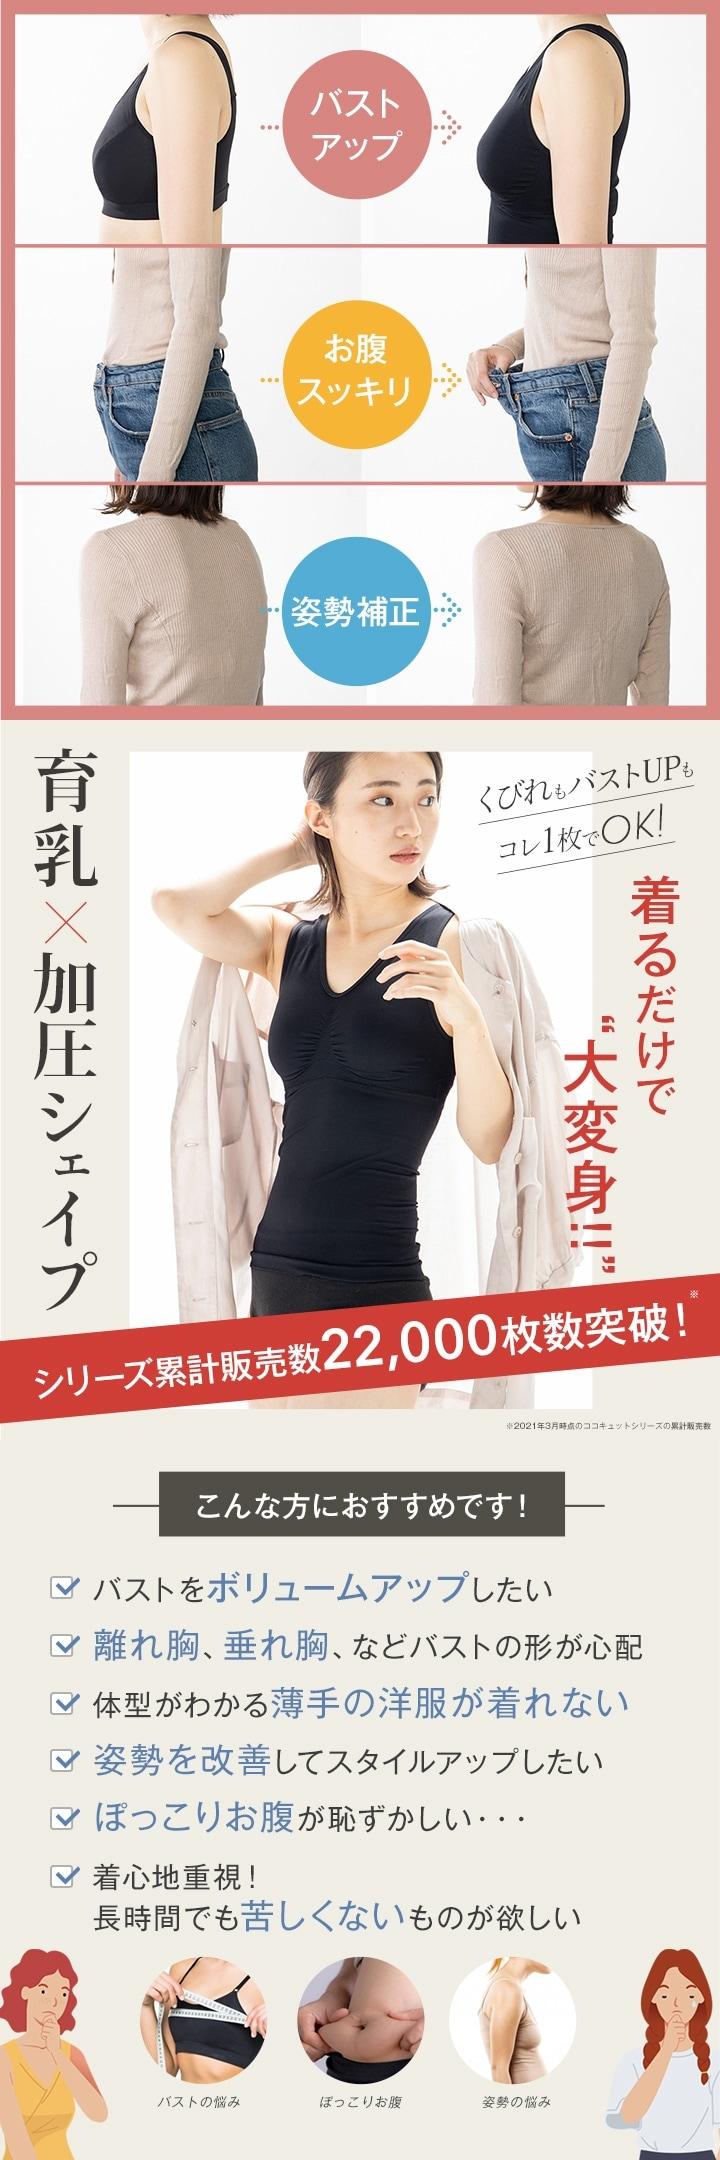 着るだけで育乳・加圧シェイプ